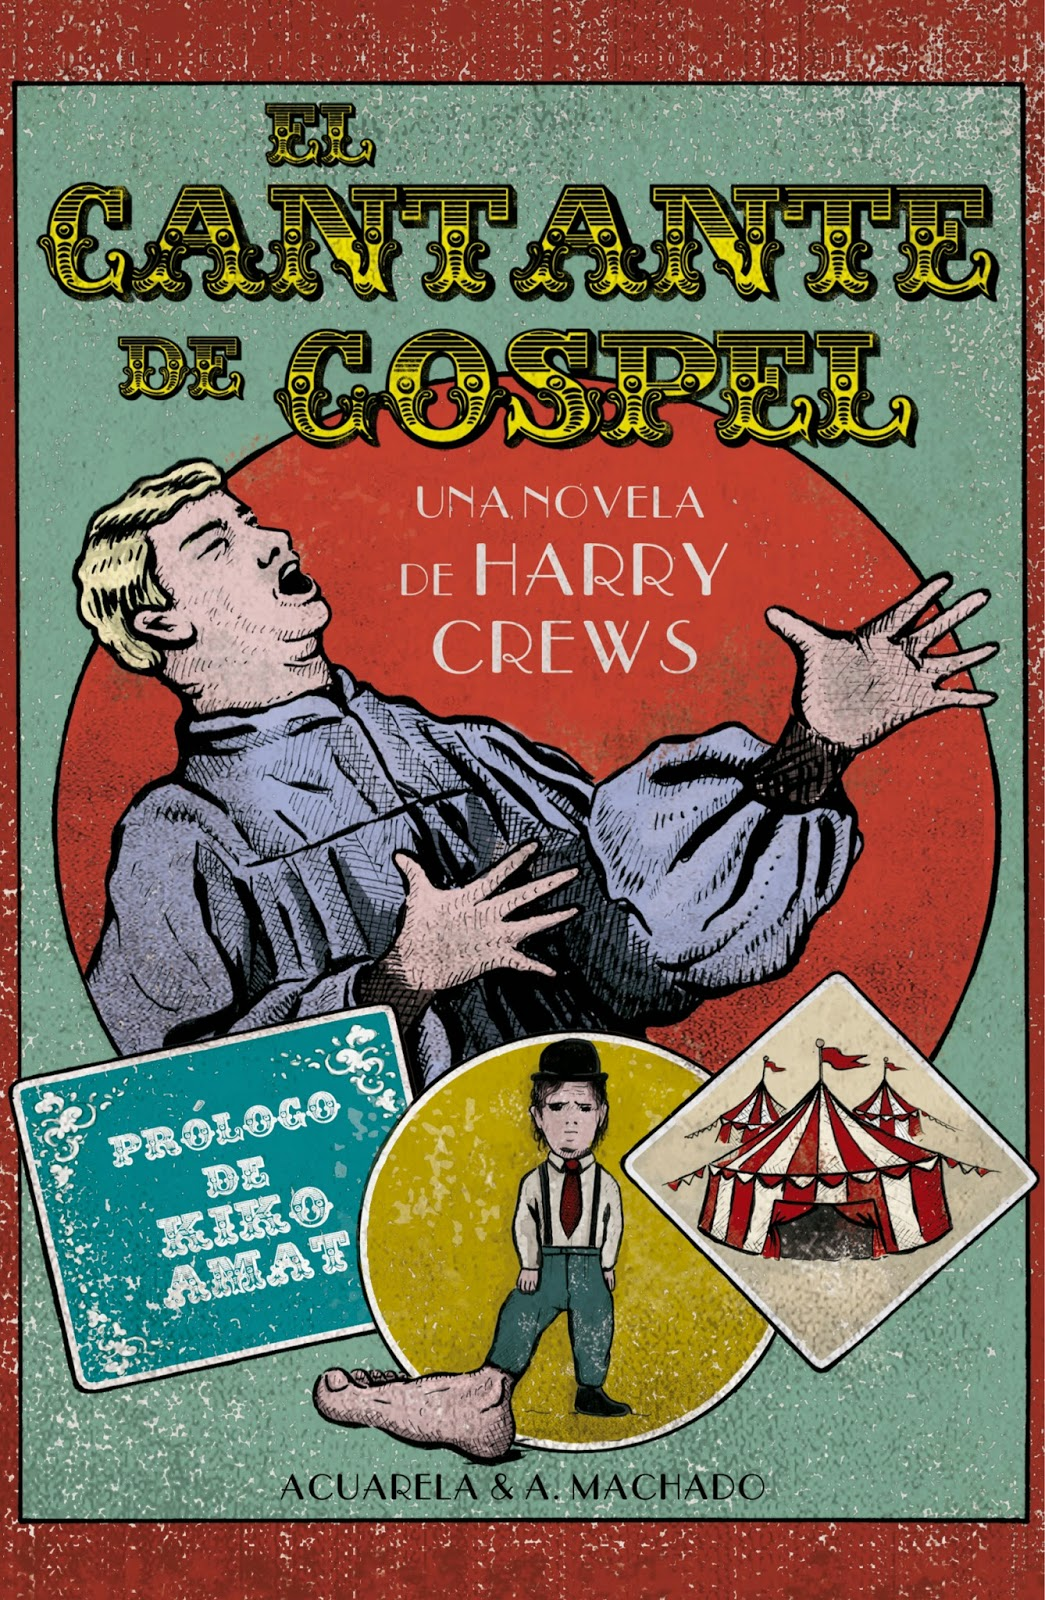 http://acuarelalibros.blogspot.co.uk/2012/11/el-cantante-de-gospel-el-sucio-sur-de.html